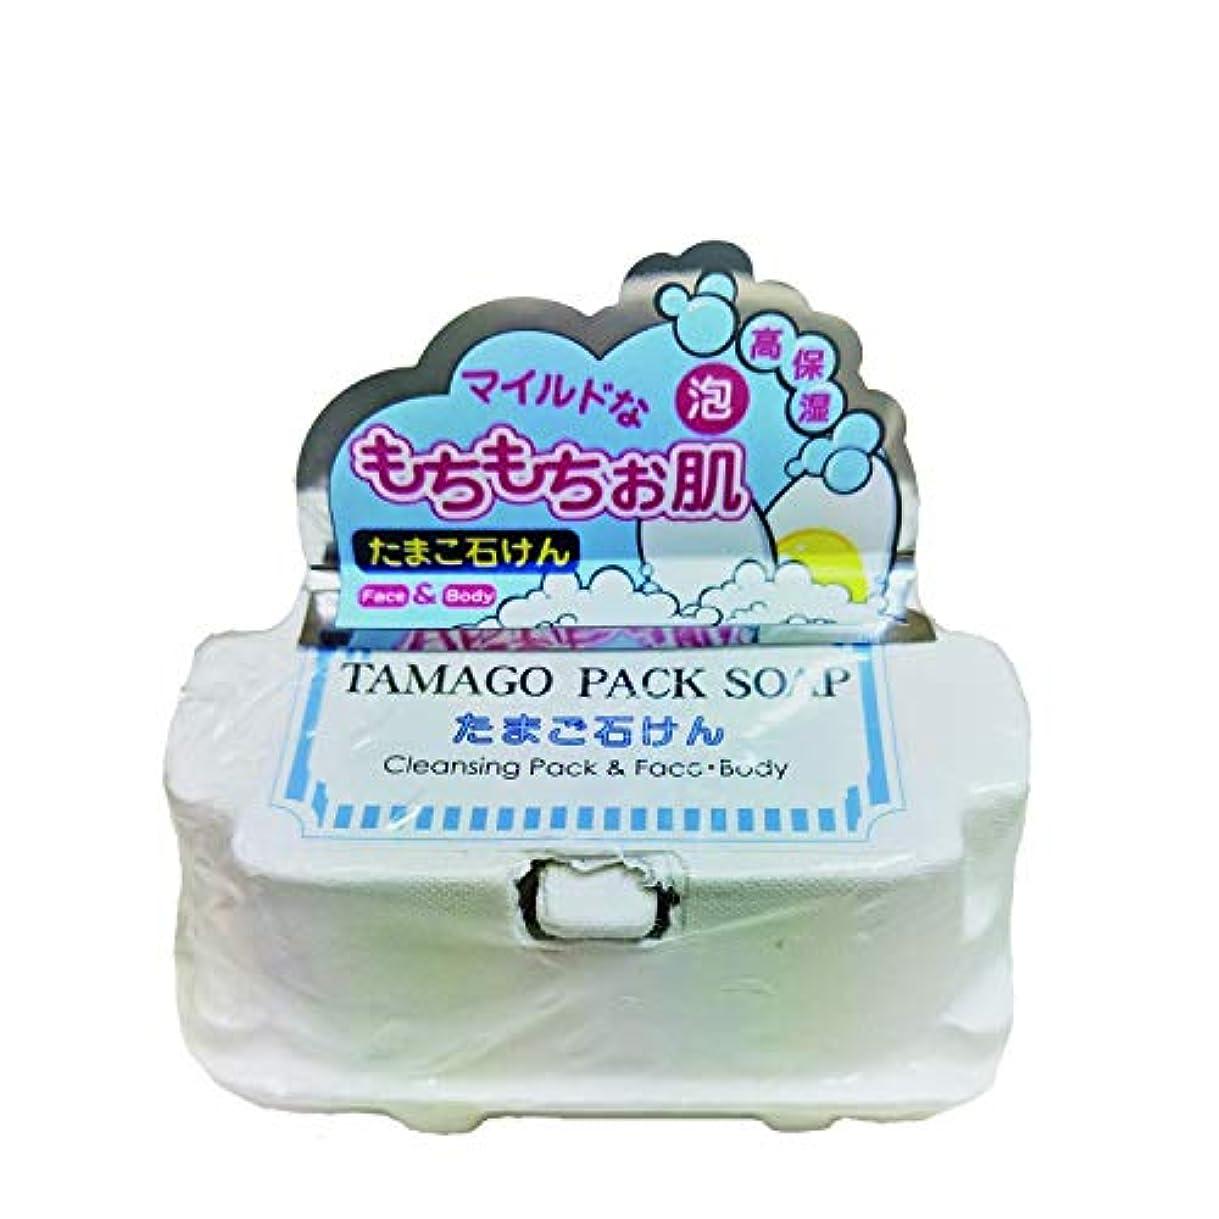 放置最初に別にシンビジャパン たまご石けん TAMAGO PACK SOAP フェイス?ボディ用 50g×2個入